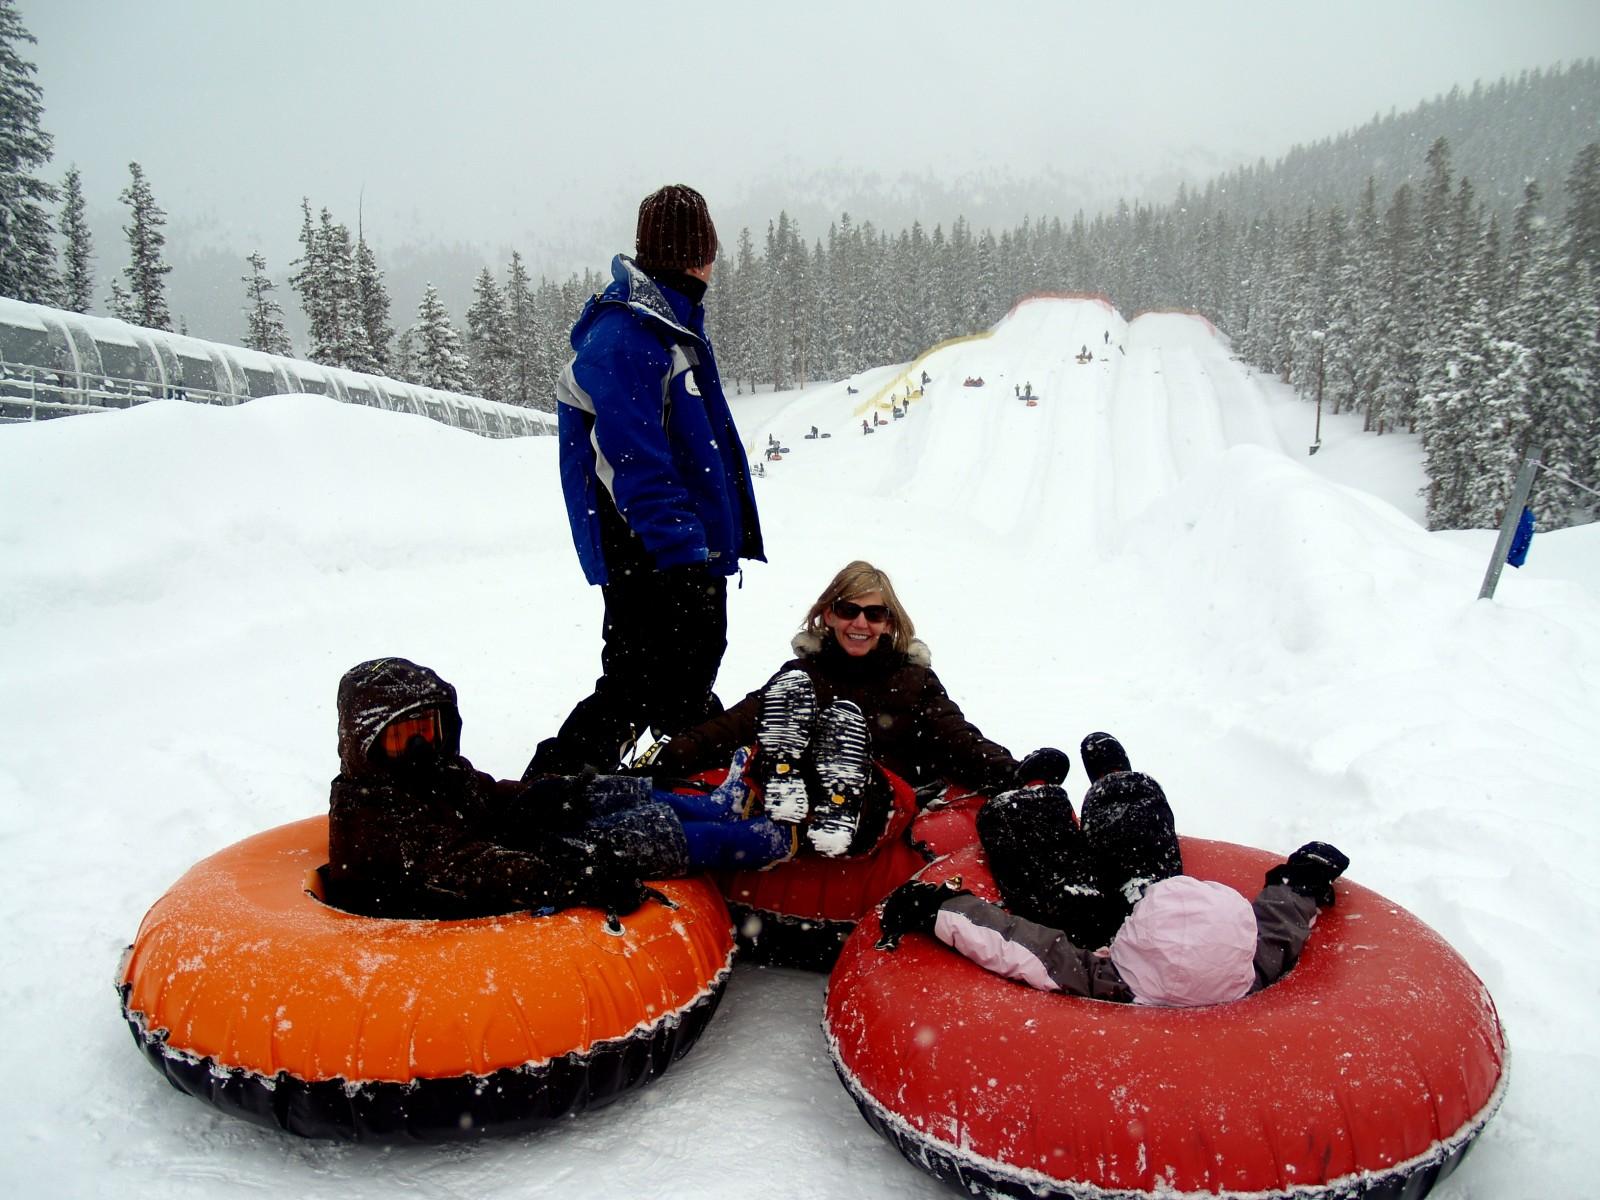 From 'no fun' to 'snow fun'